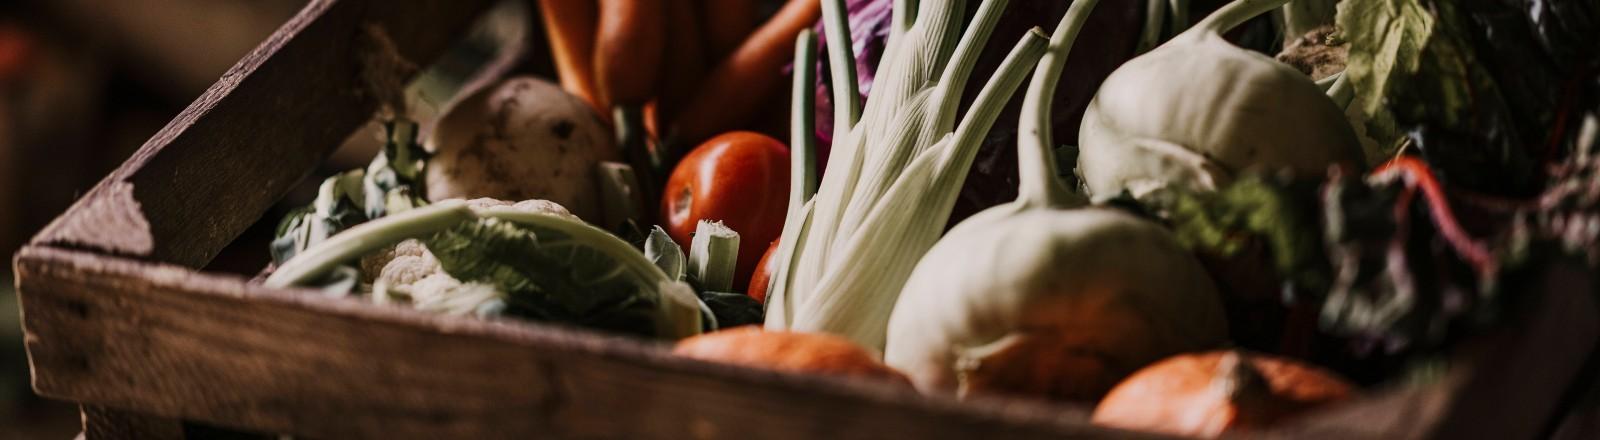 Eine Holzkiste mit Bio-Gemüse